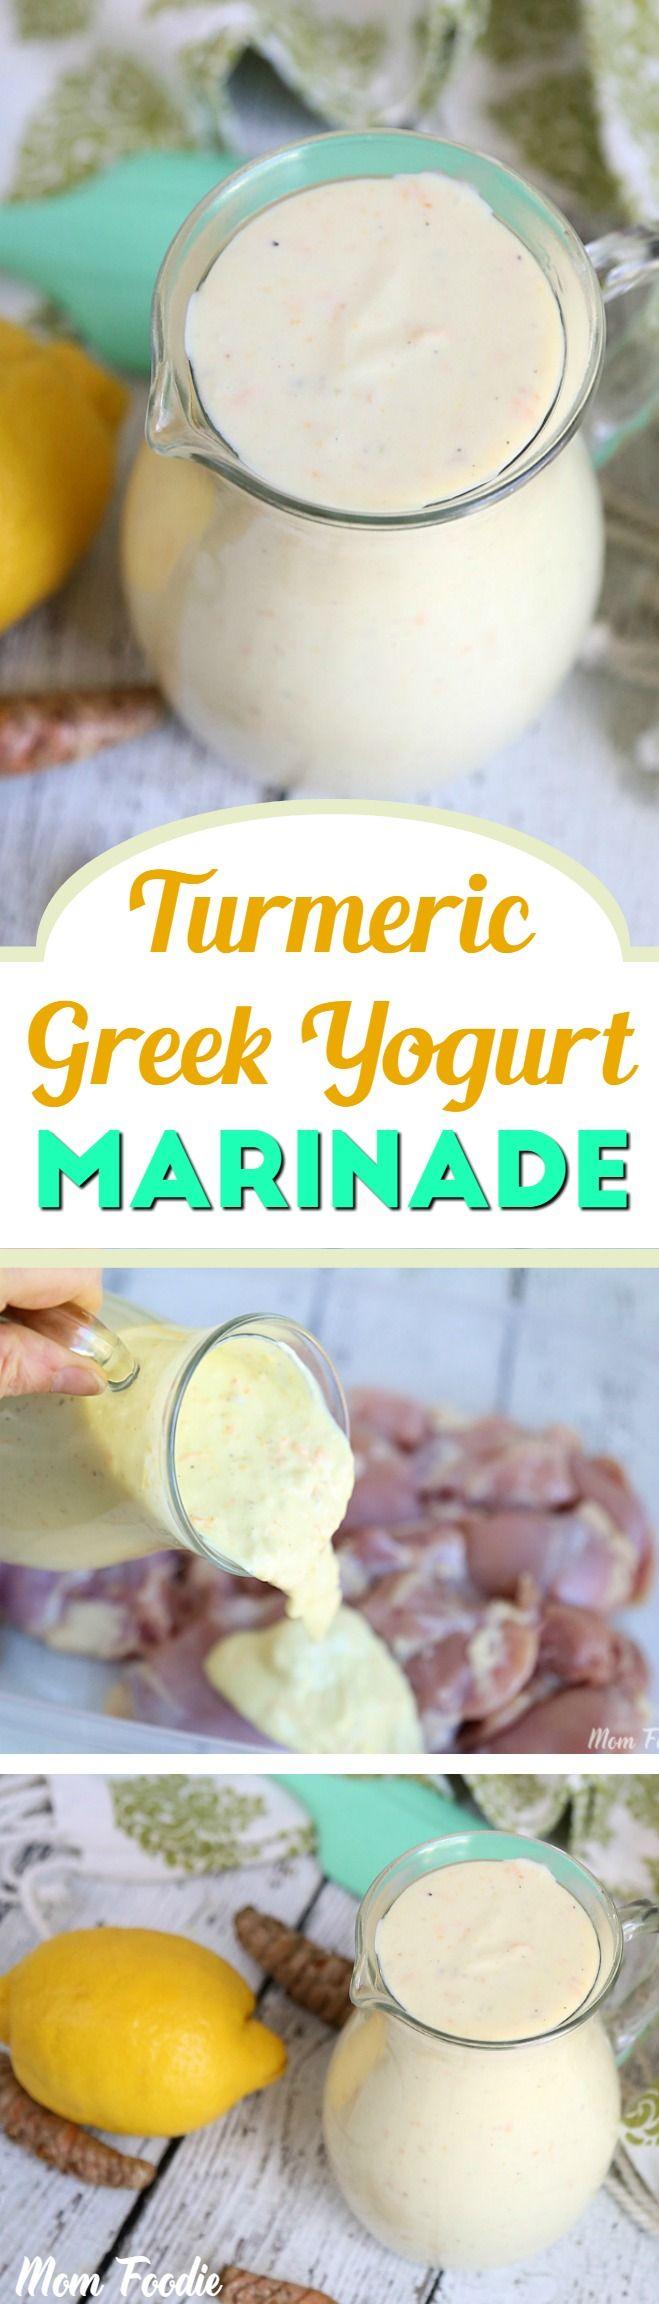 Turmeric Greek Yogurt Marinade Recipe